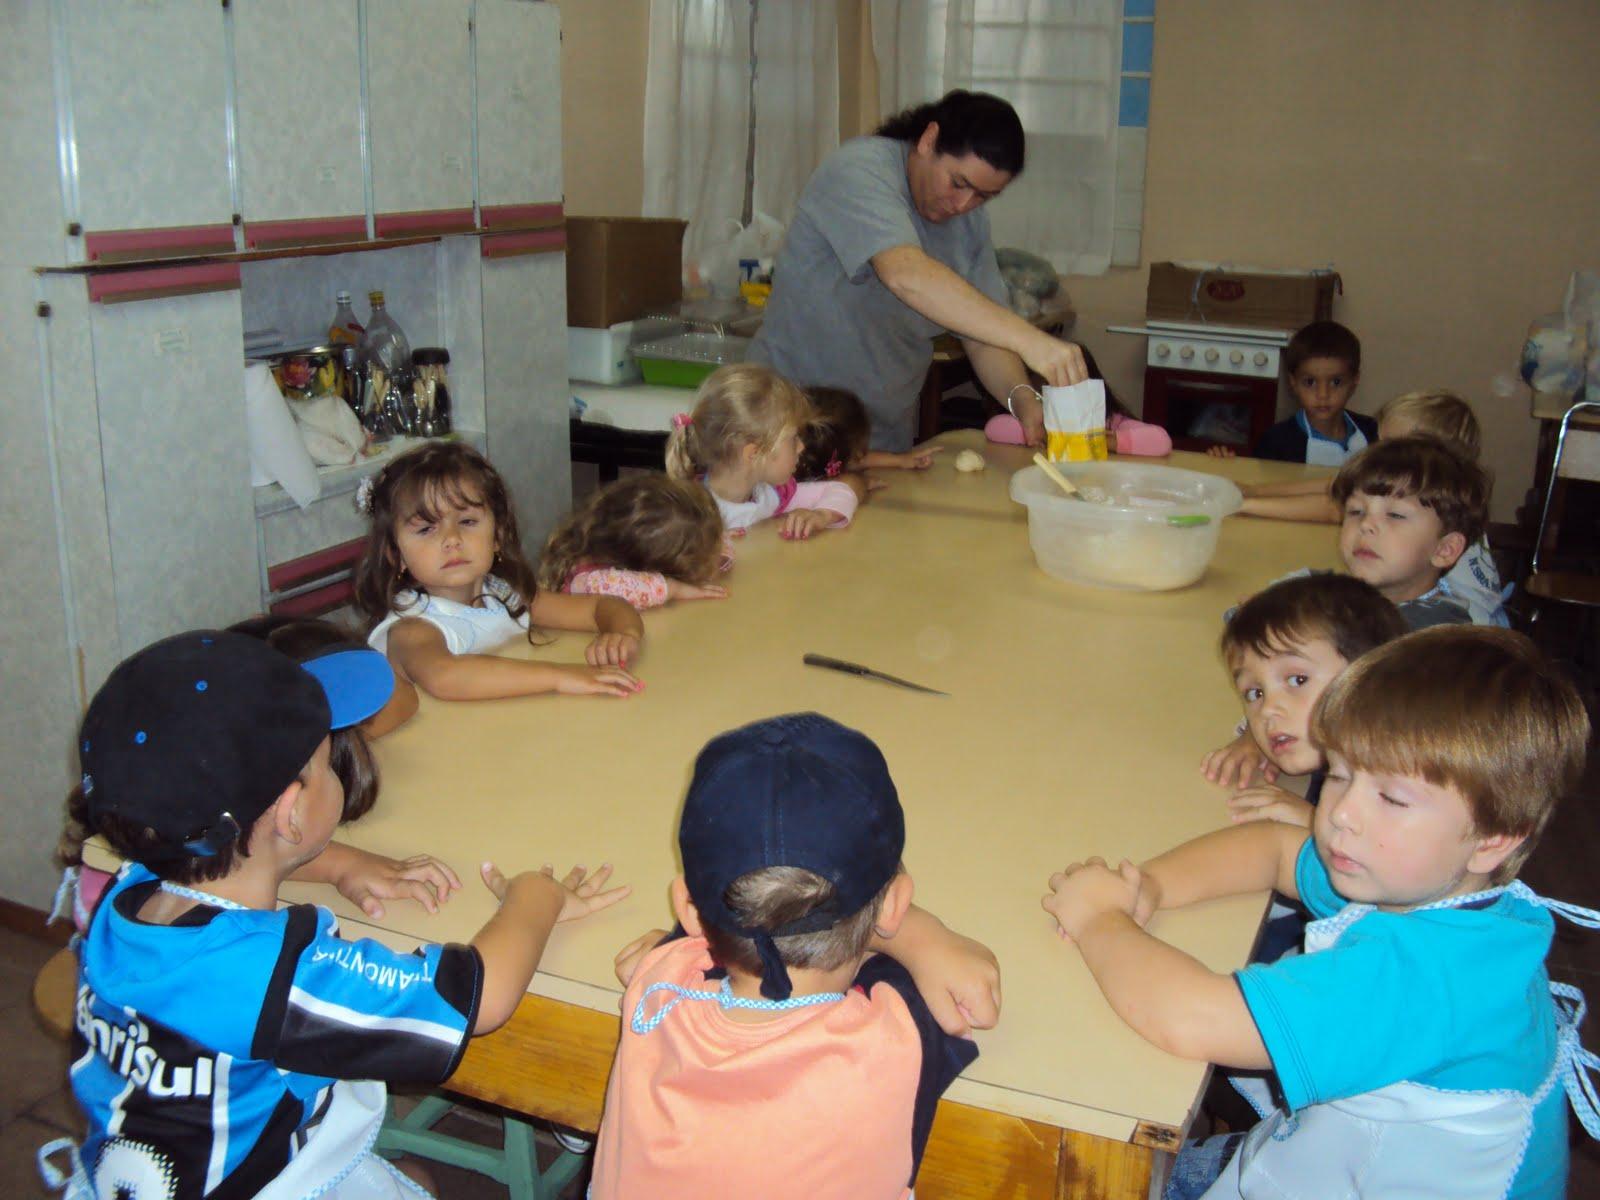 #04A1C7 ESCOLA NOSSA SENHORA ESTRELA DO MAR: Projeto do Corpo Humano na  1600x1200 px Projeto Cozinha Experimental Na Escola #2535 imagens